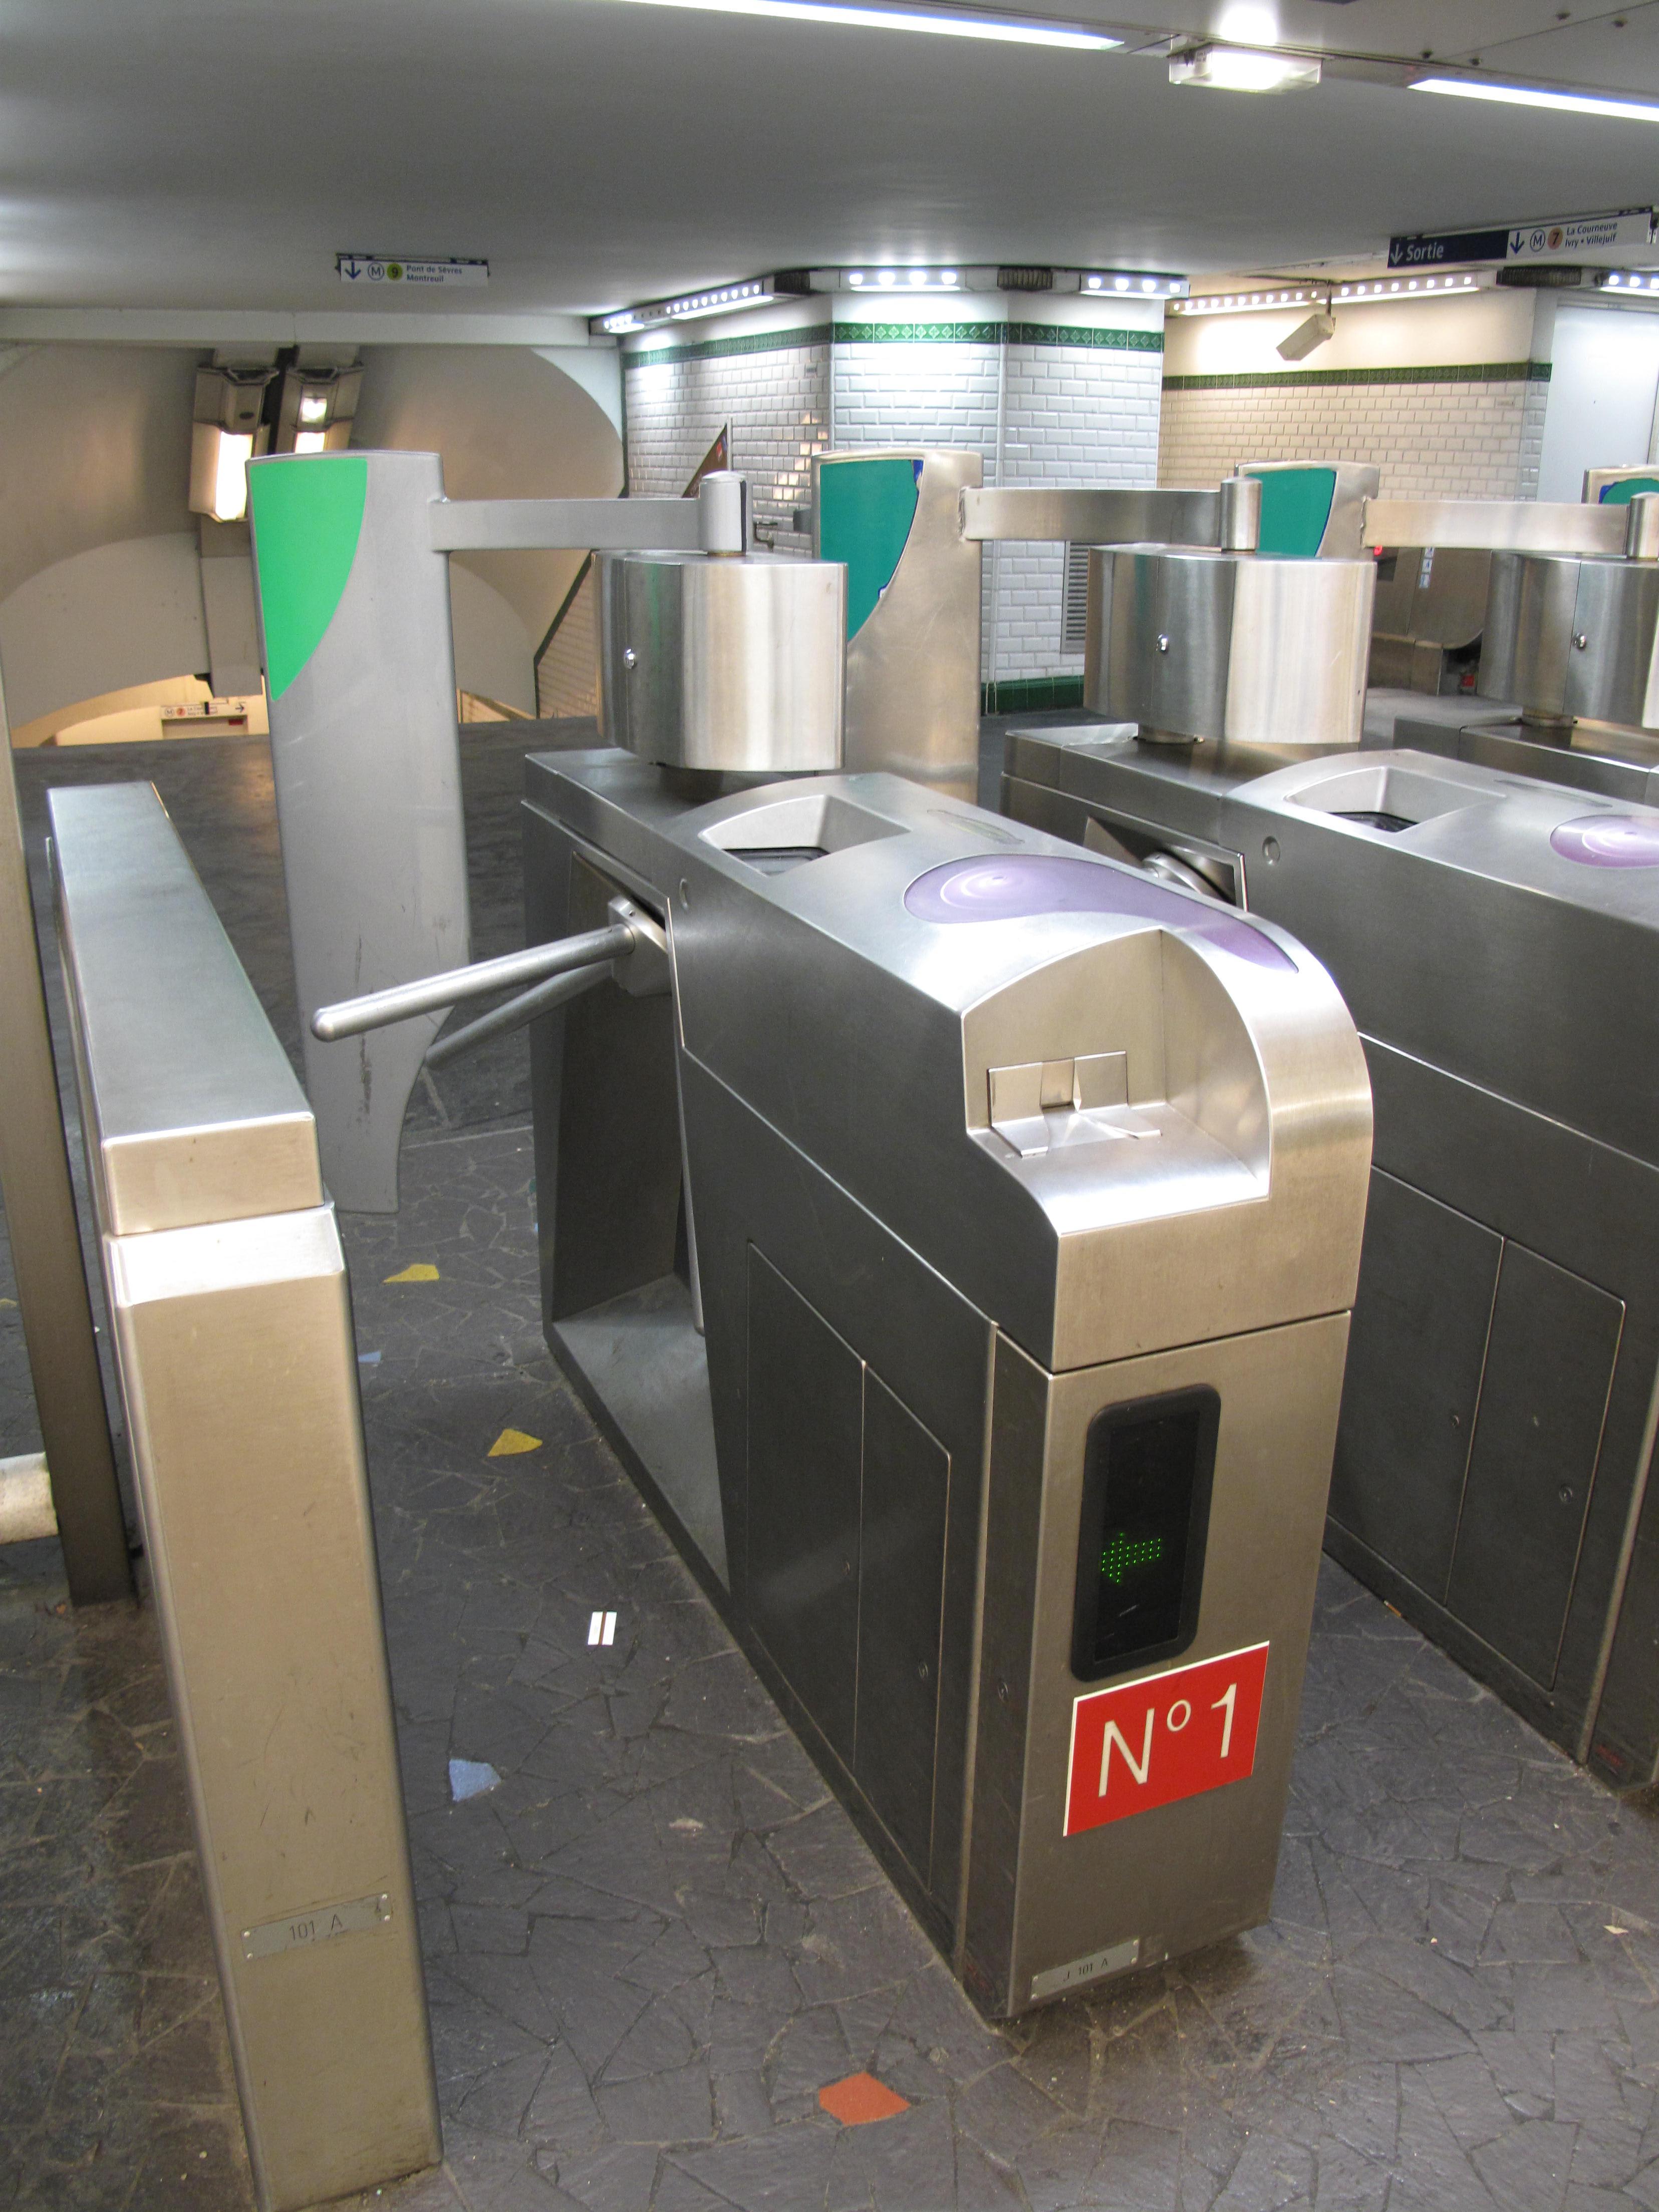 The Paris Metro Subway System Part 3